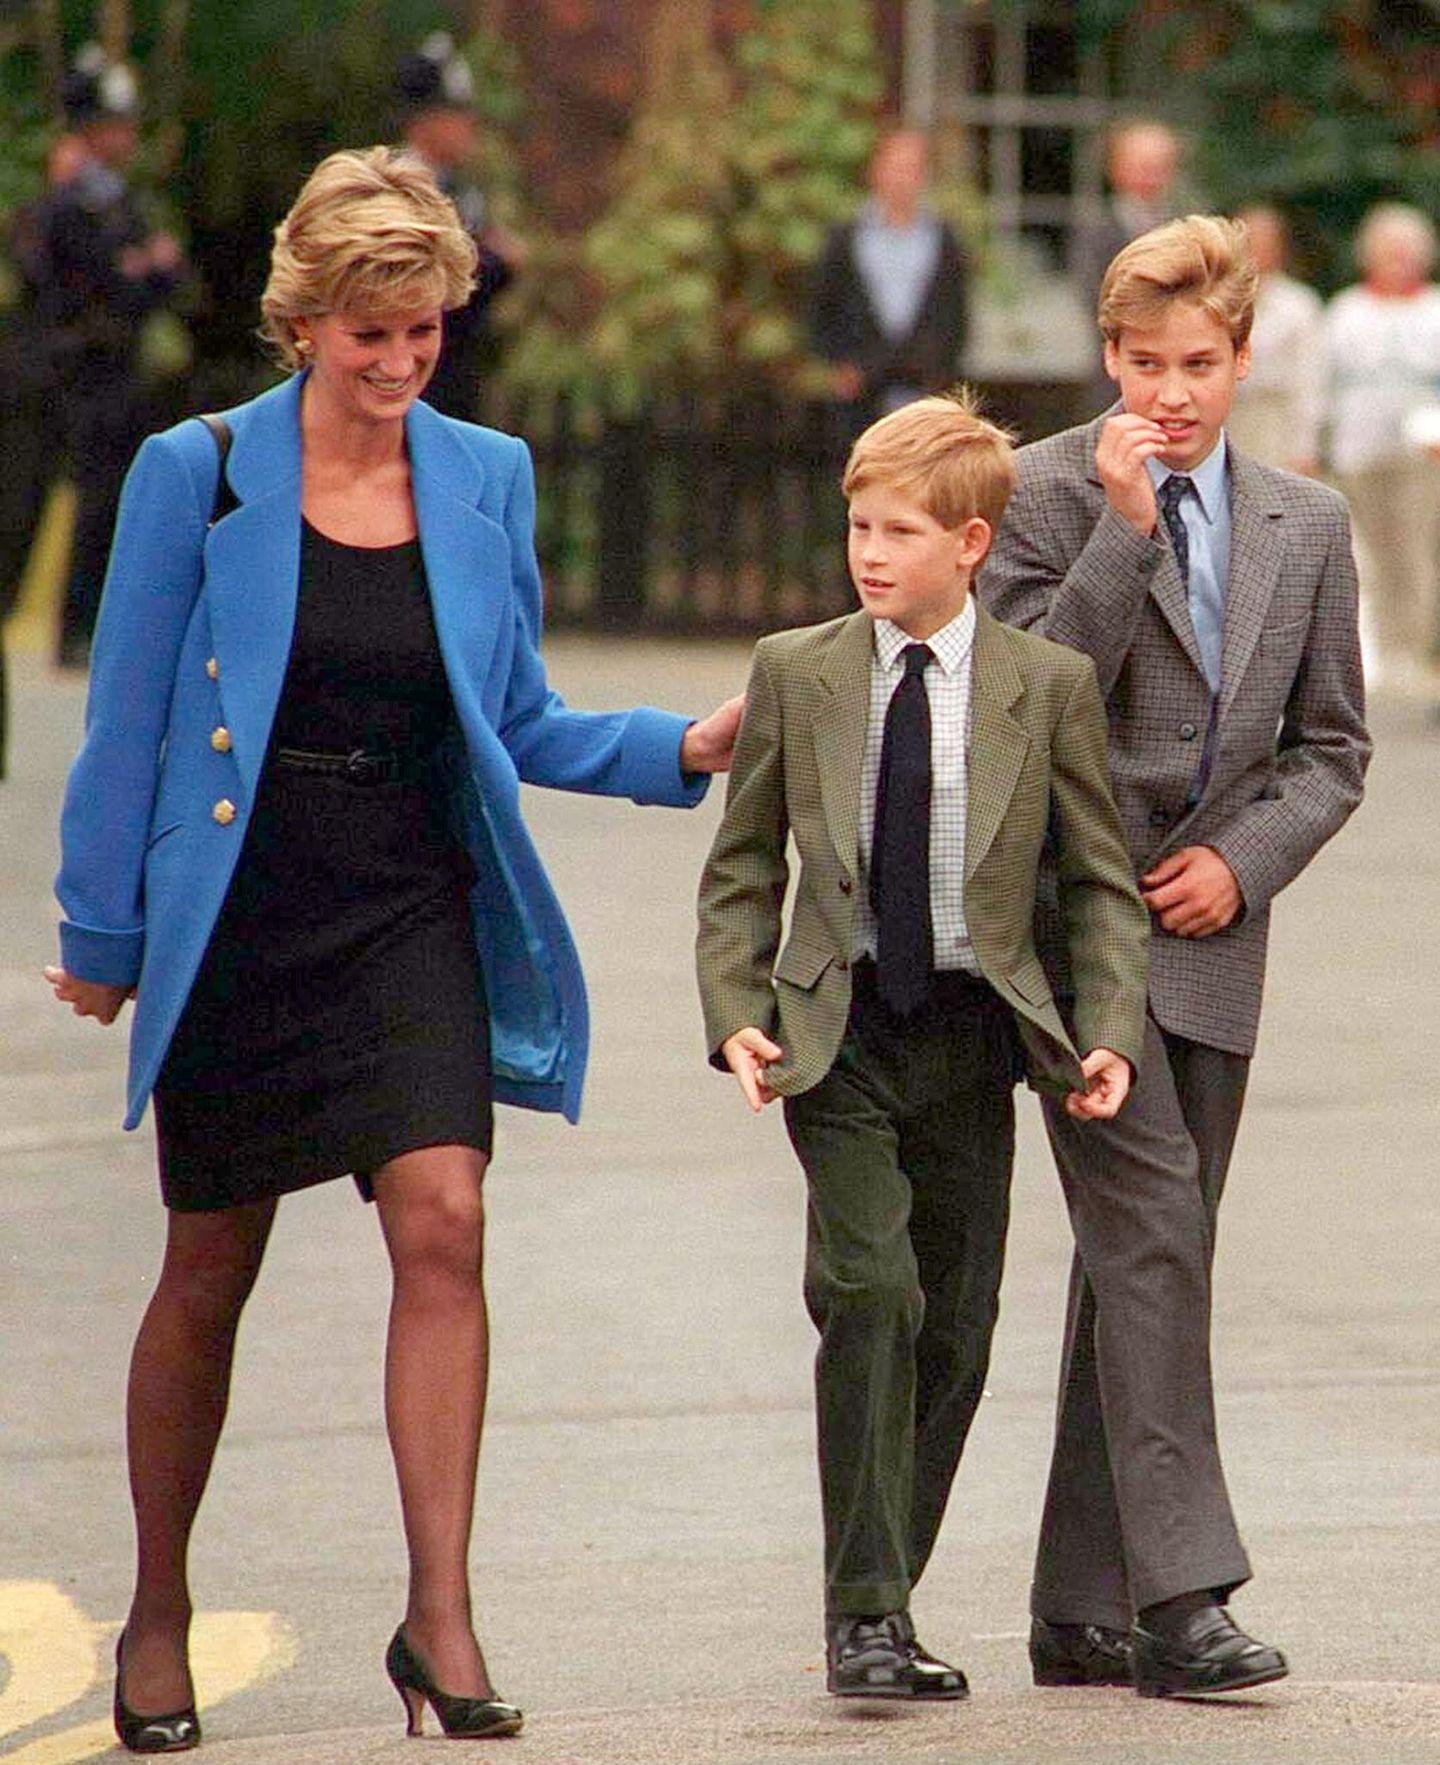 1995   Prinz William hat es geschafft: Er wird auf dem Elite-Internat in Eton angenommen. Voller Stolz begleitet ihn Diana am 5. September zu der Einschulung, zwei Tage später beginnt der Unterricht.